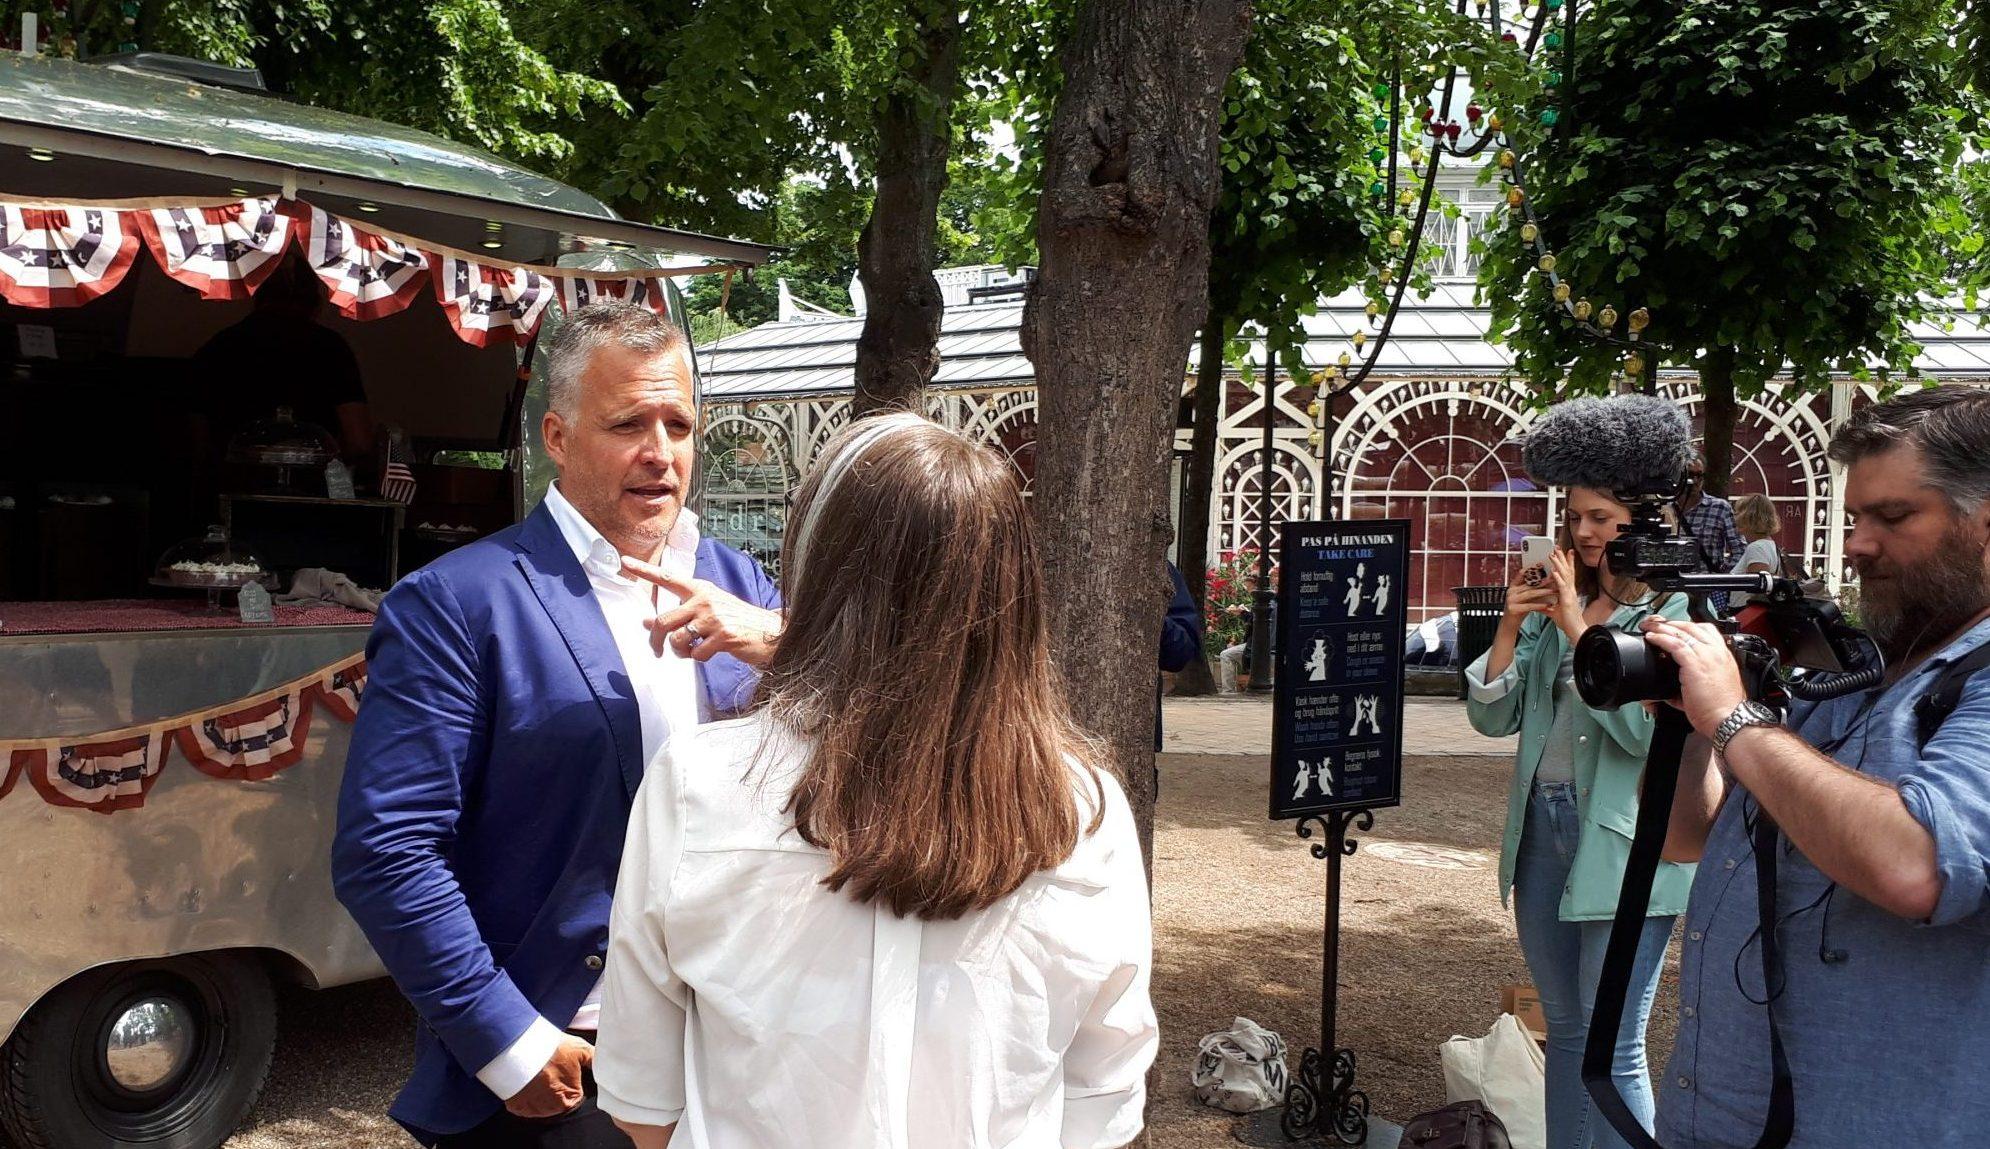 Efter at have været på scenen i Tivoli ville mange private danskere og medier gerne tale med Rufus Gifford. Foto: Henrik Baumgarten.